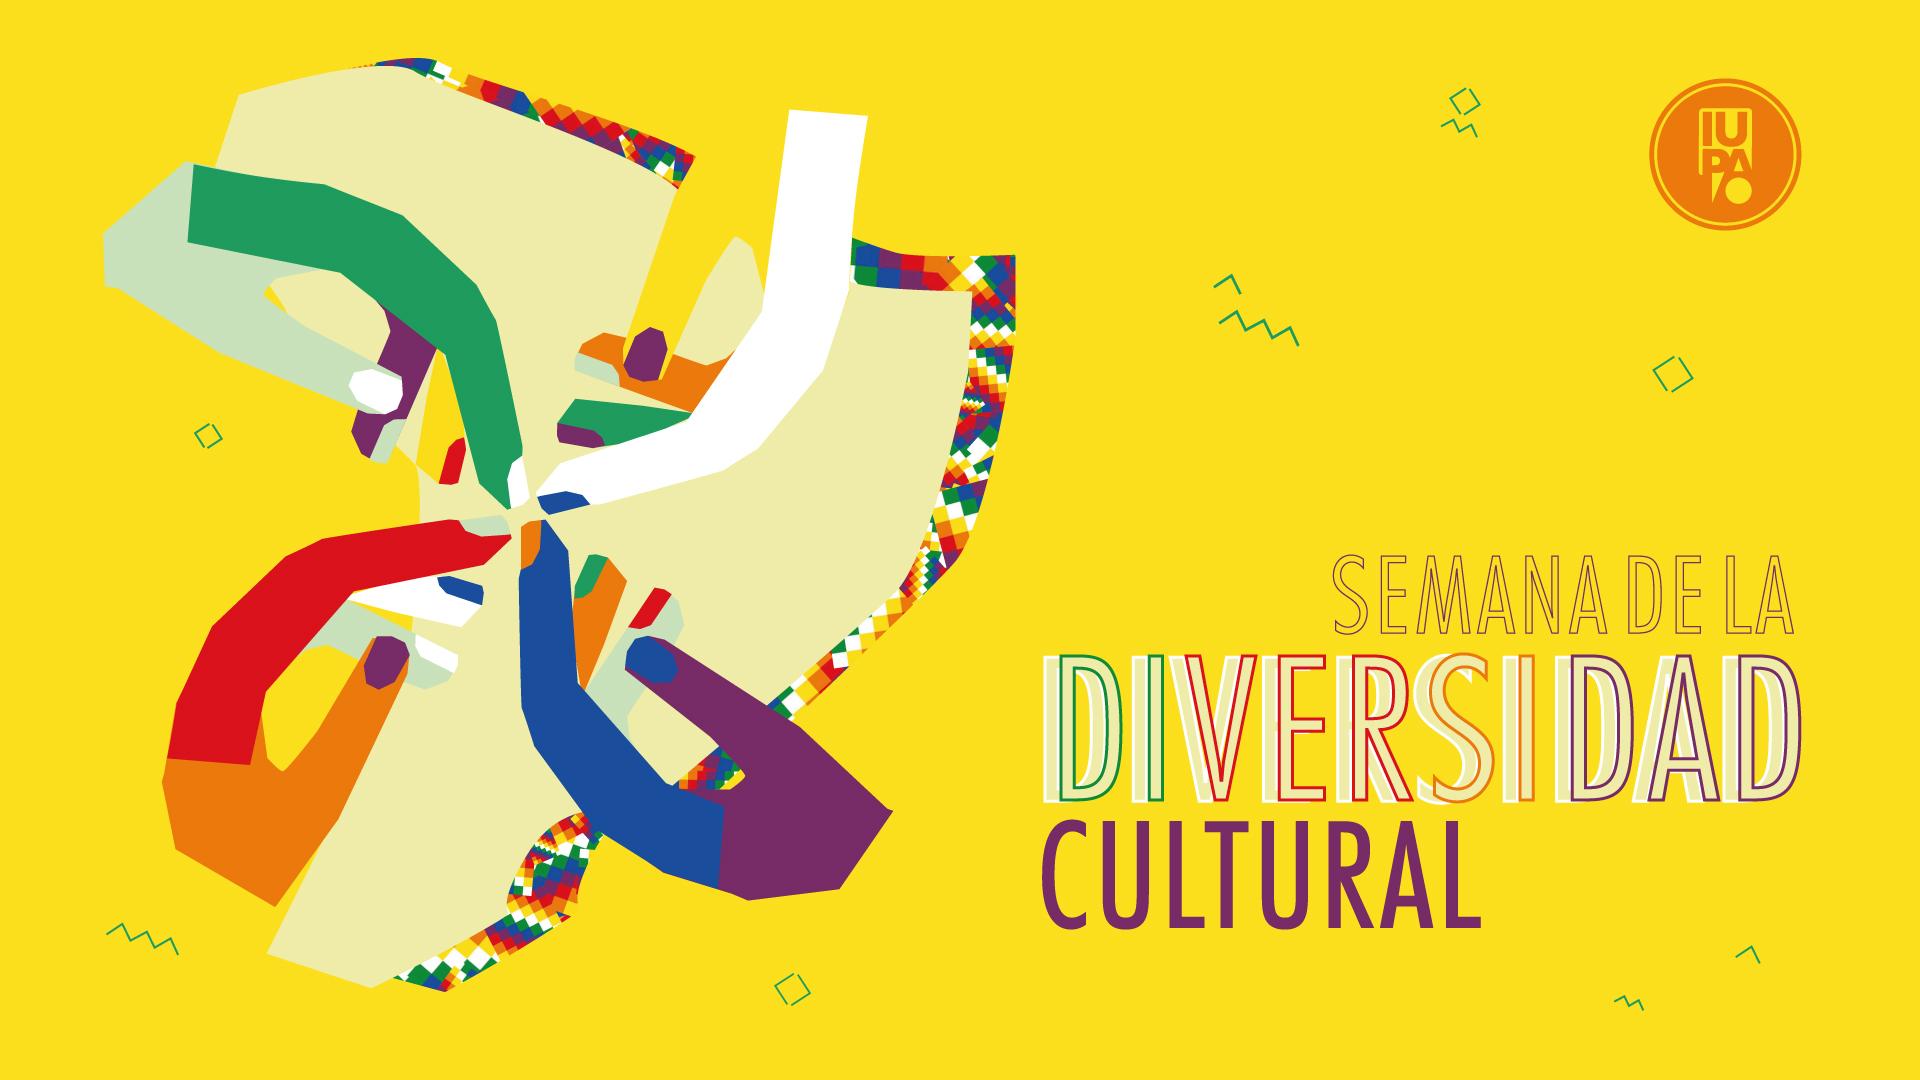 semana diversidad cultural